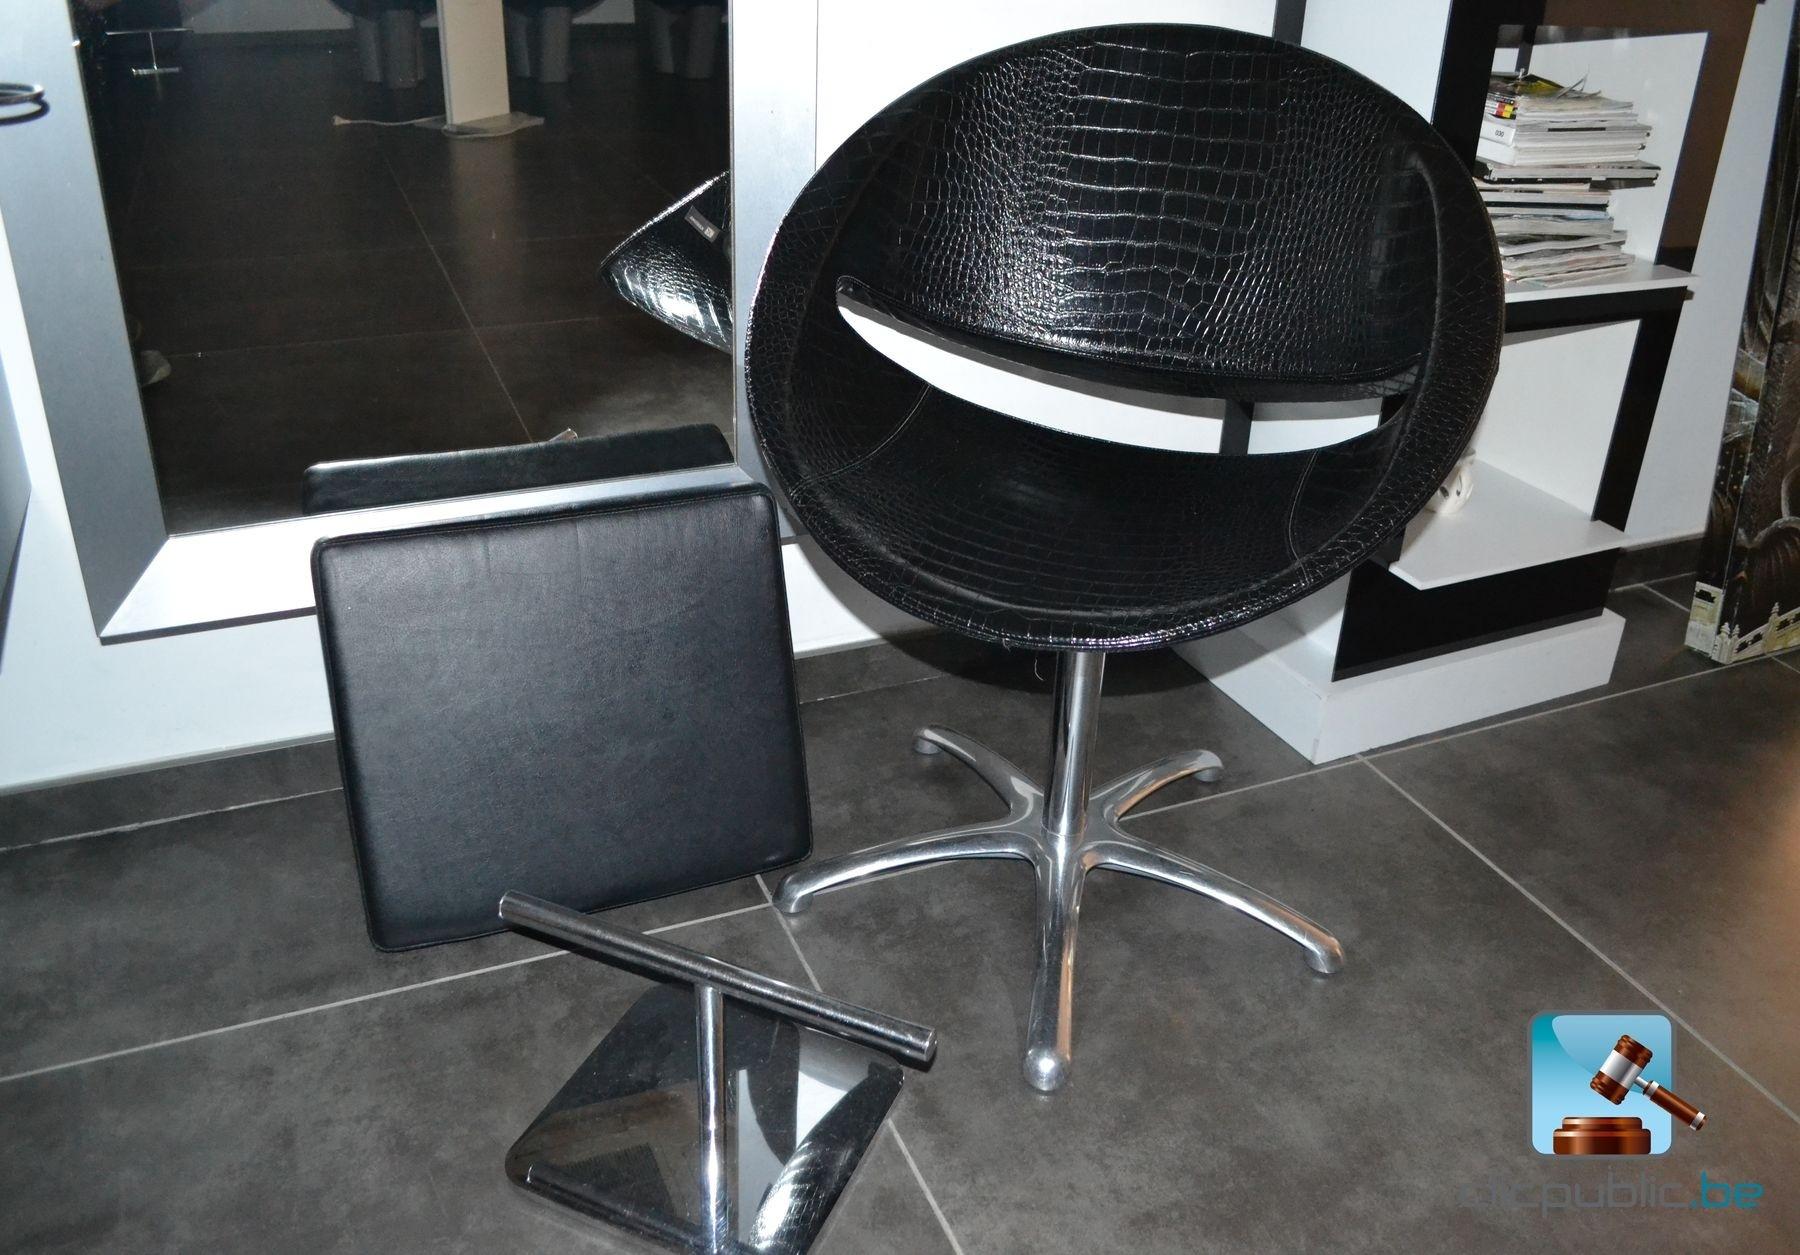 Meubles de salon de coiffure karisma vendre sur - Mobilier salon de coiffure occasion ...